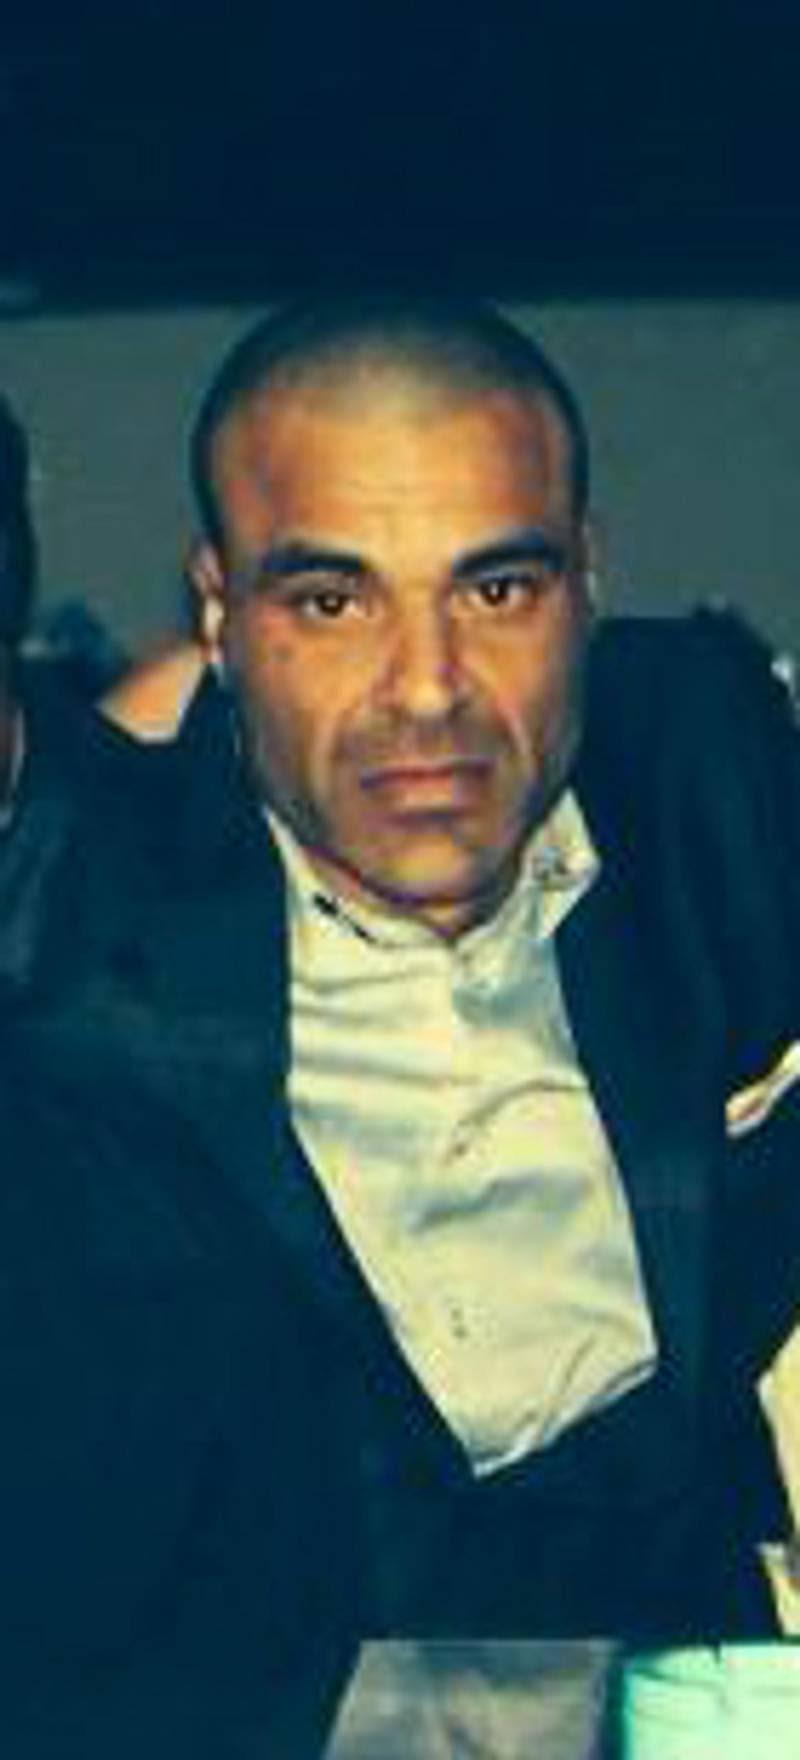 27. juni fik Houssam Daabas et år og ni måneders fængsel i en sag om 42 kilo hash. I samme sag fik hans kone et års betinget fængsel, fordi retten fandt det bevist, at hun på et tidspunkt havde flyttet hash fra et opbevaringssted til et andet. Privatfoto